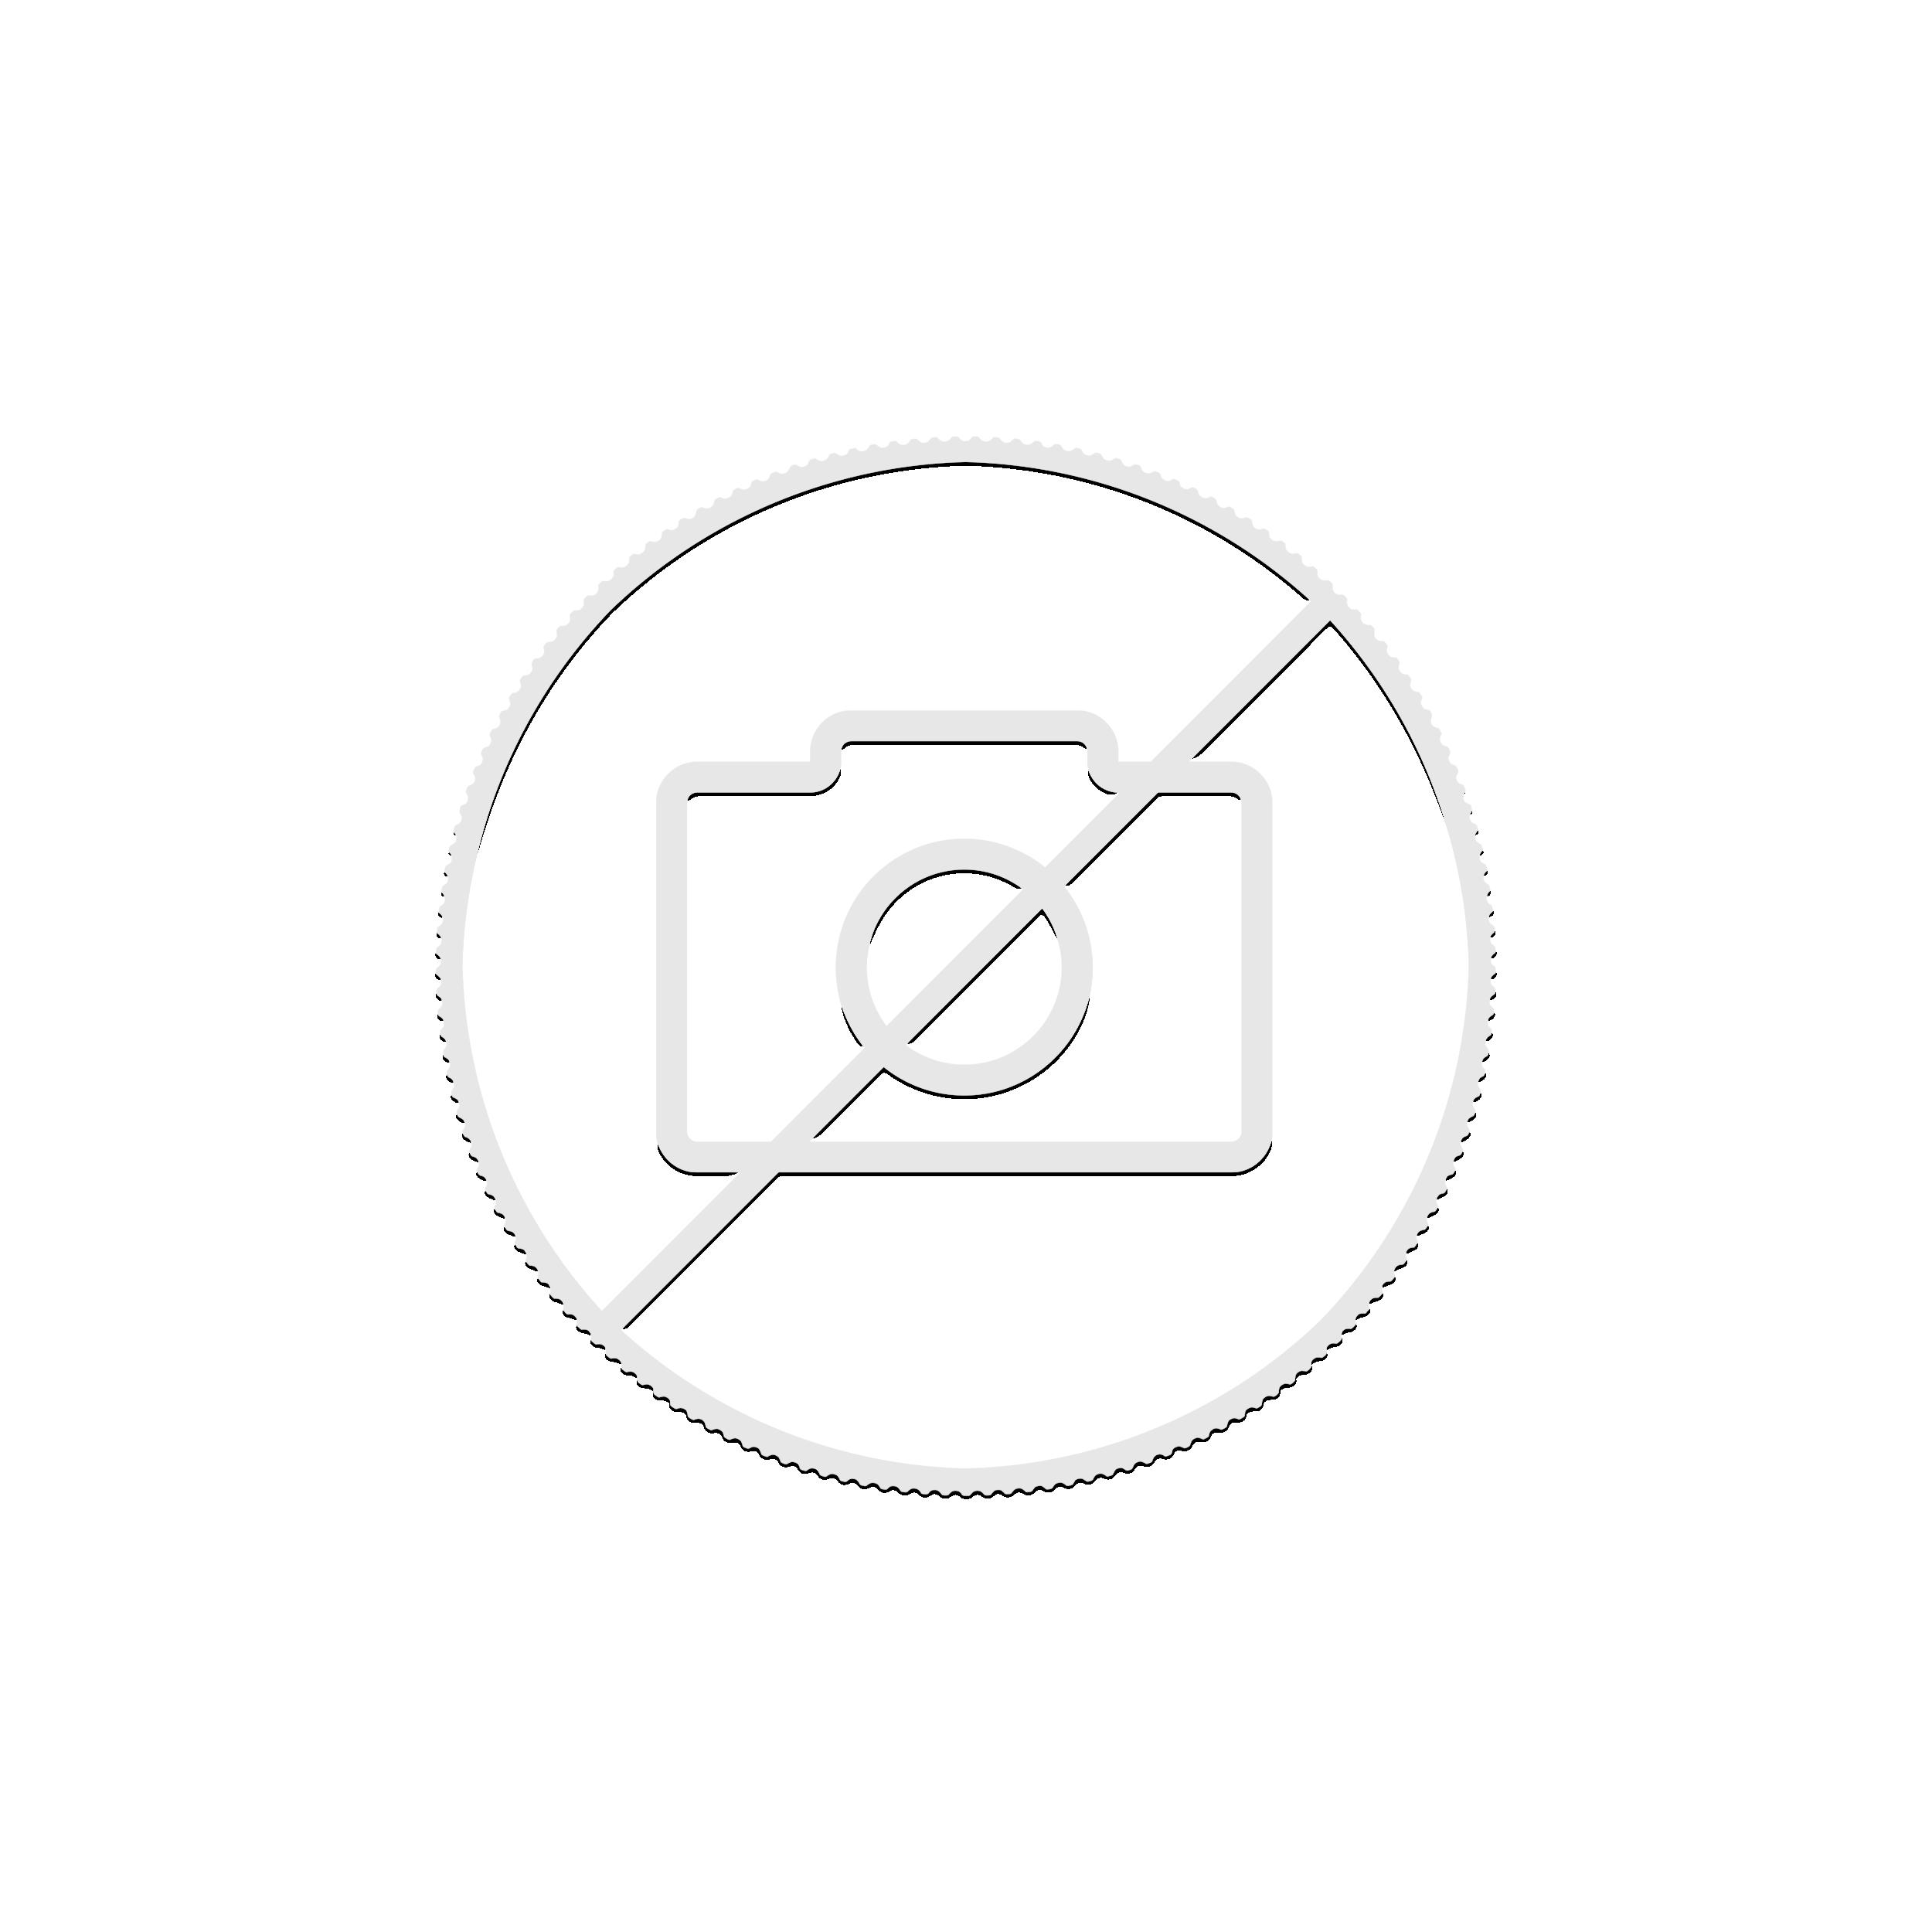 2 Troy ounce silver coin Lunar 2020 back